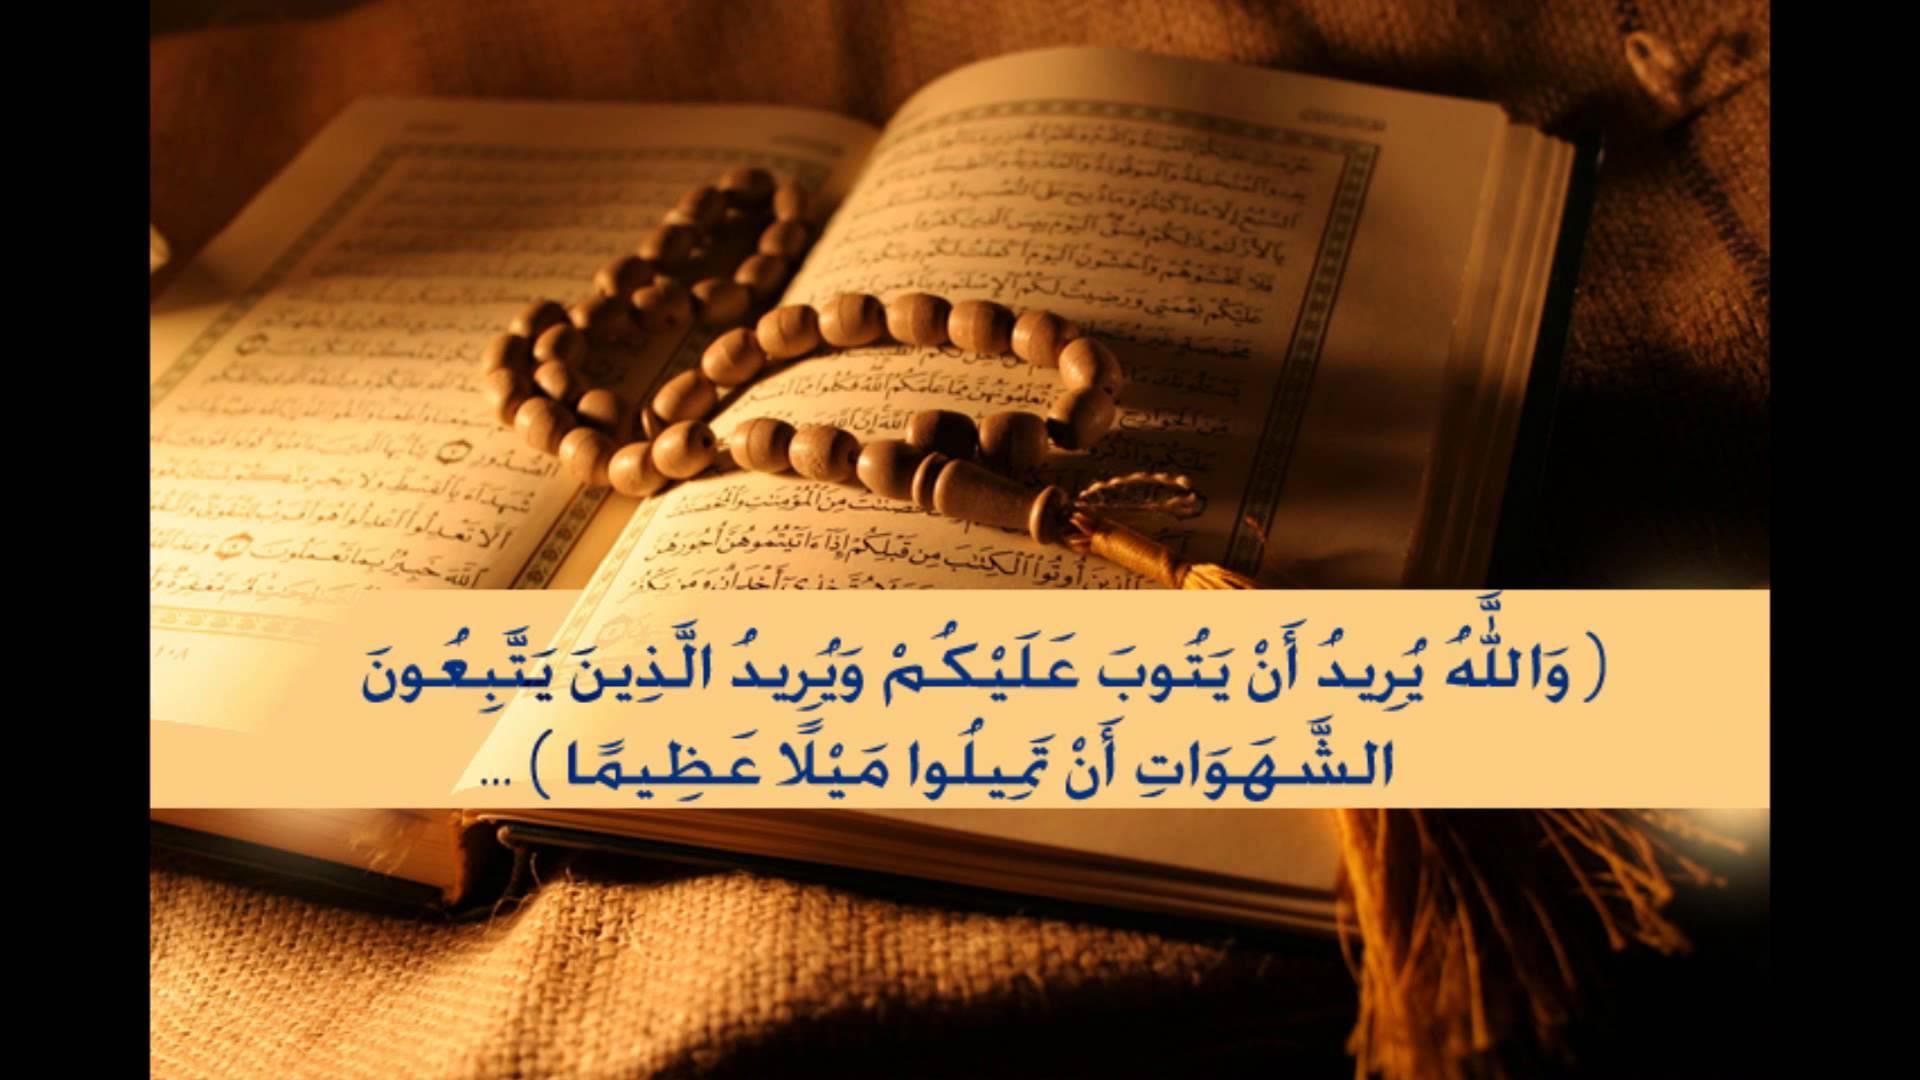 بالصور صور اسلامية رائعة , اجمل وارقى الصور الدينيه الرائعه 4978 3